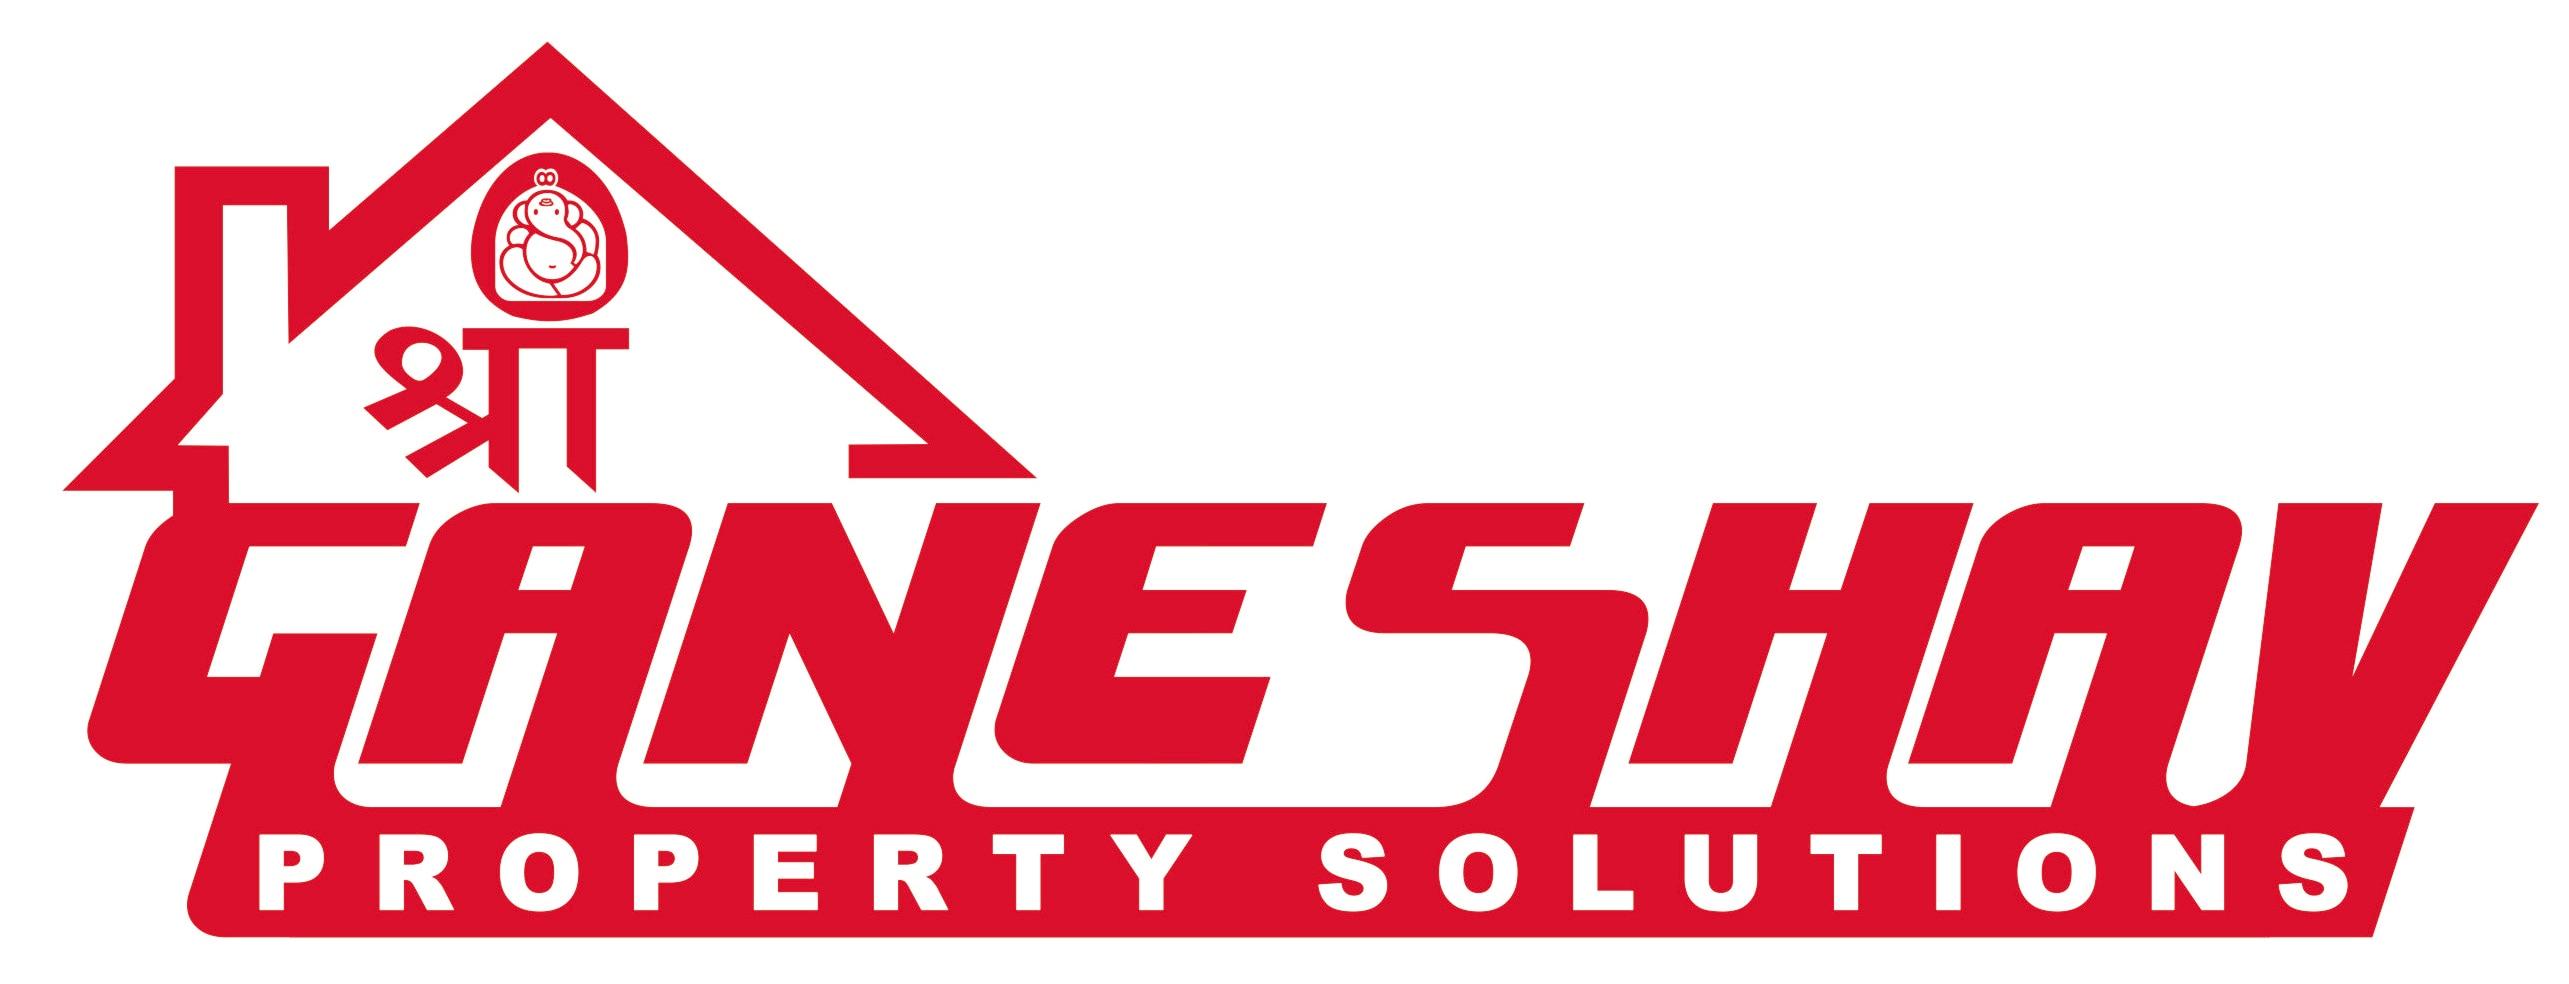 Shree Ganeshay Property Solution